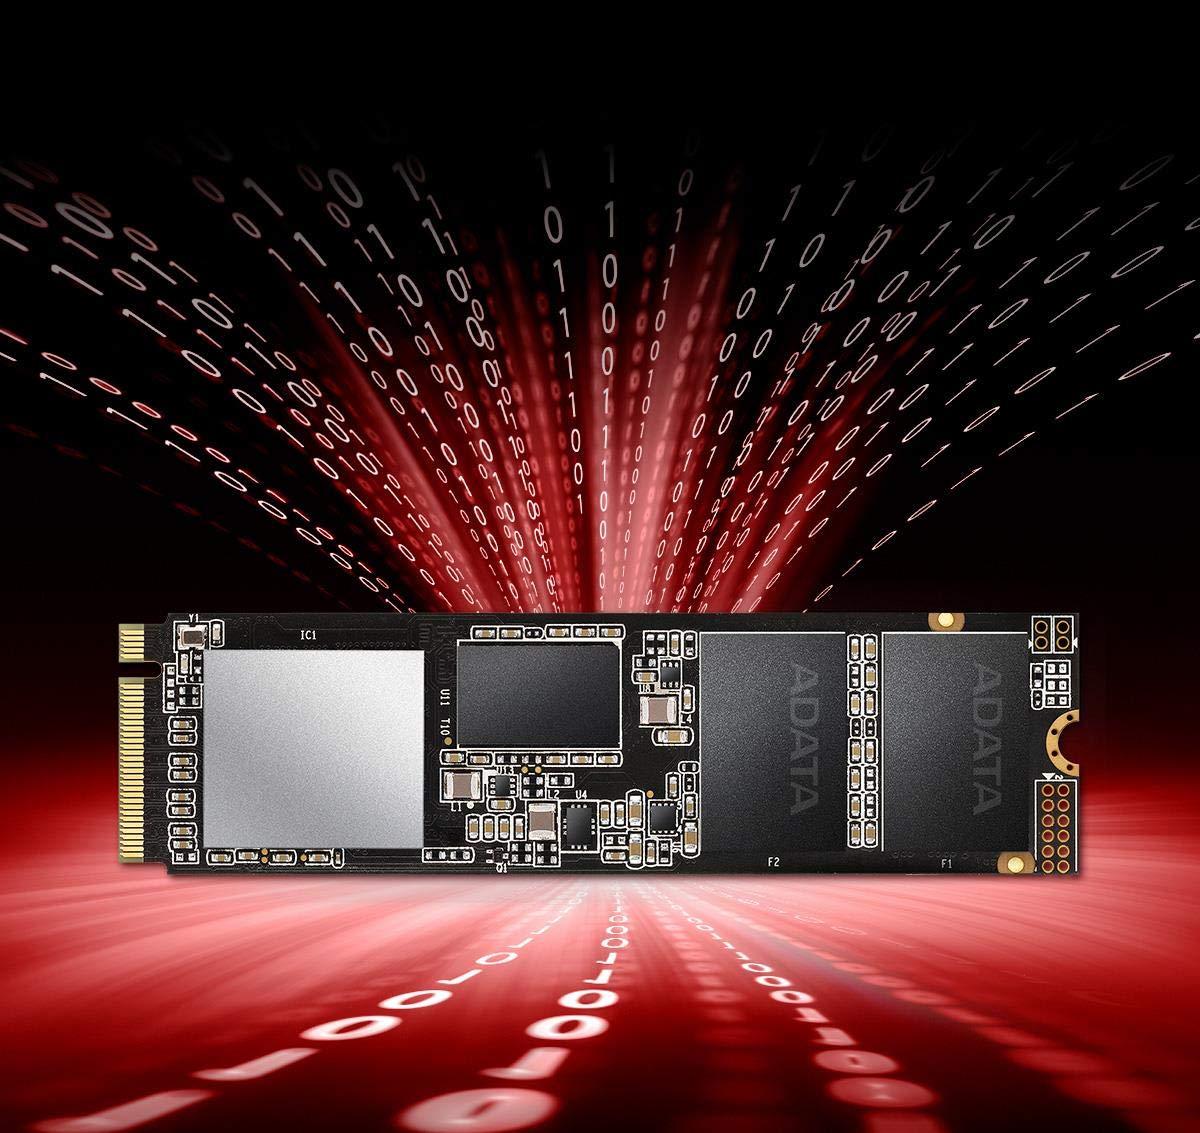 ADATA XPG SX8200 Pro 1TB 3D NAND NVMe Gen3x4 PCIe M.2 2280 Solid State Drive R/W 3500/3000MB/s SSD (ASX8200PNP-1TT-C) by XPG (Image #5)